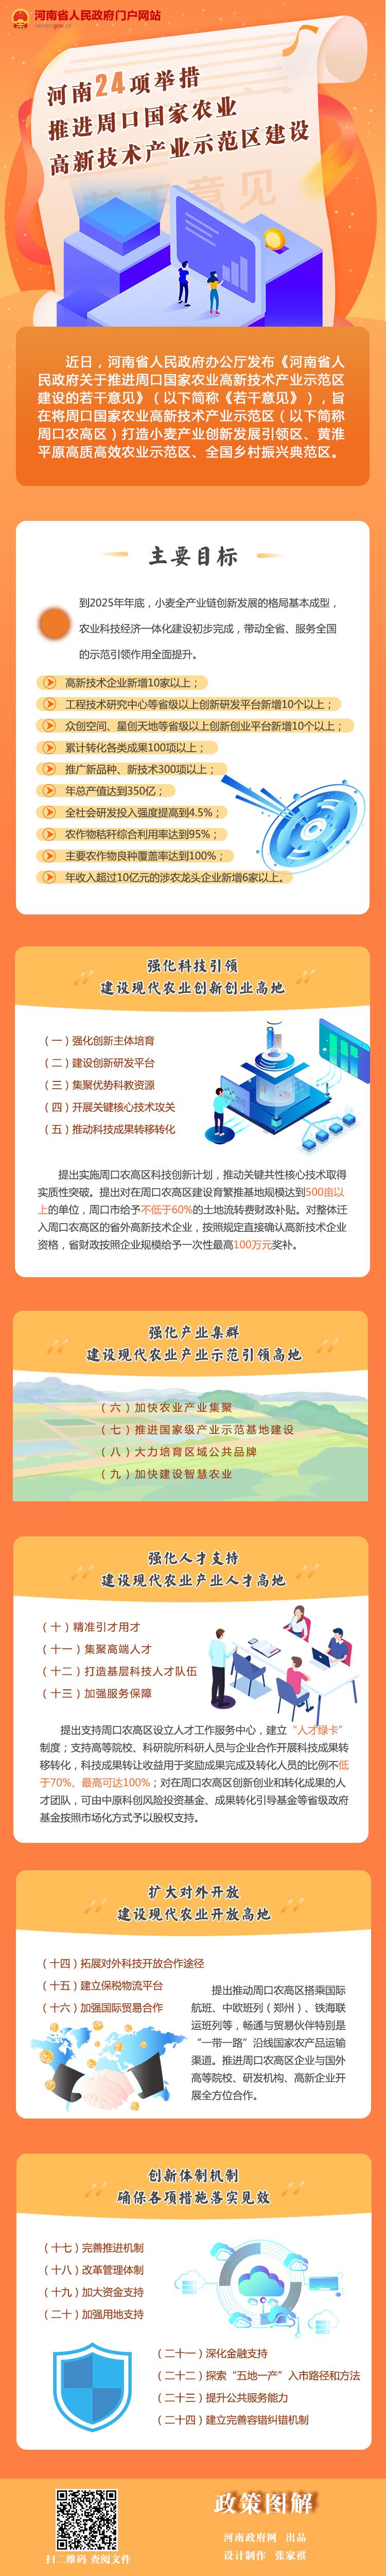 图解:河南24项举措推进周口国家农业高新技术产业示范区建设